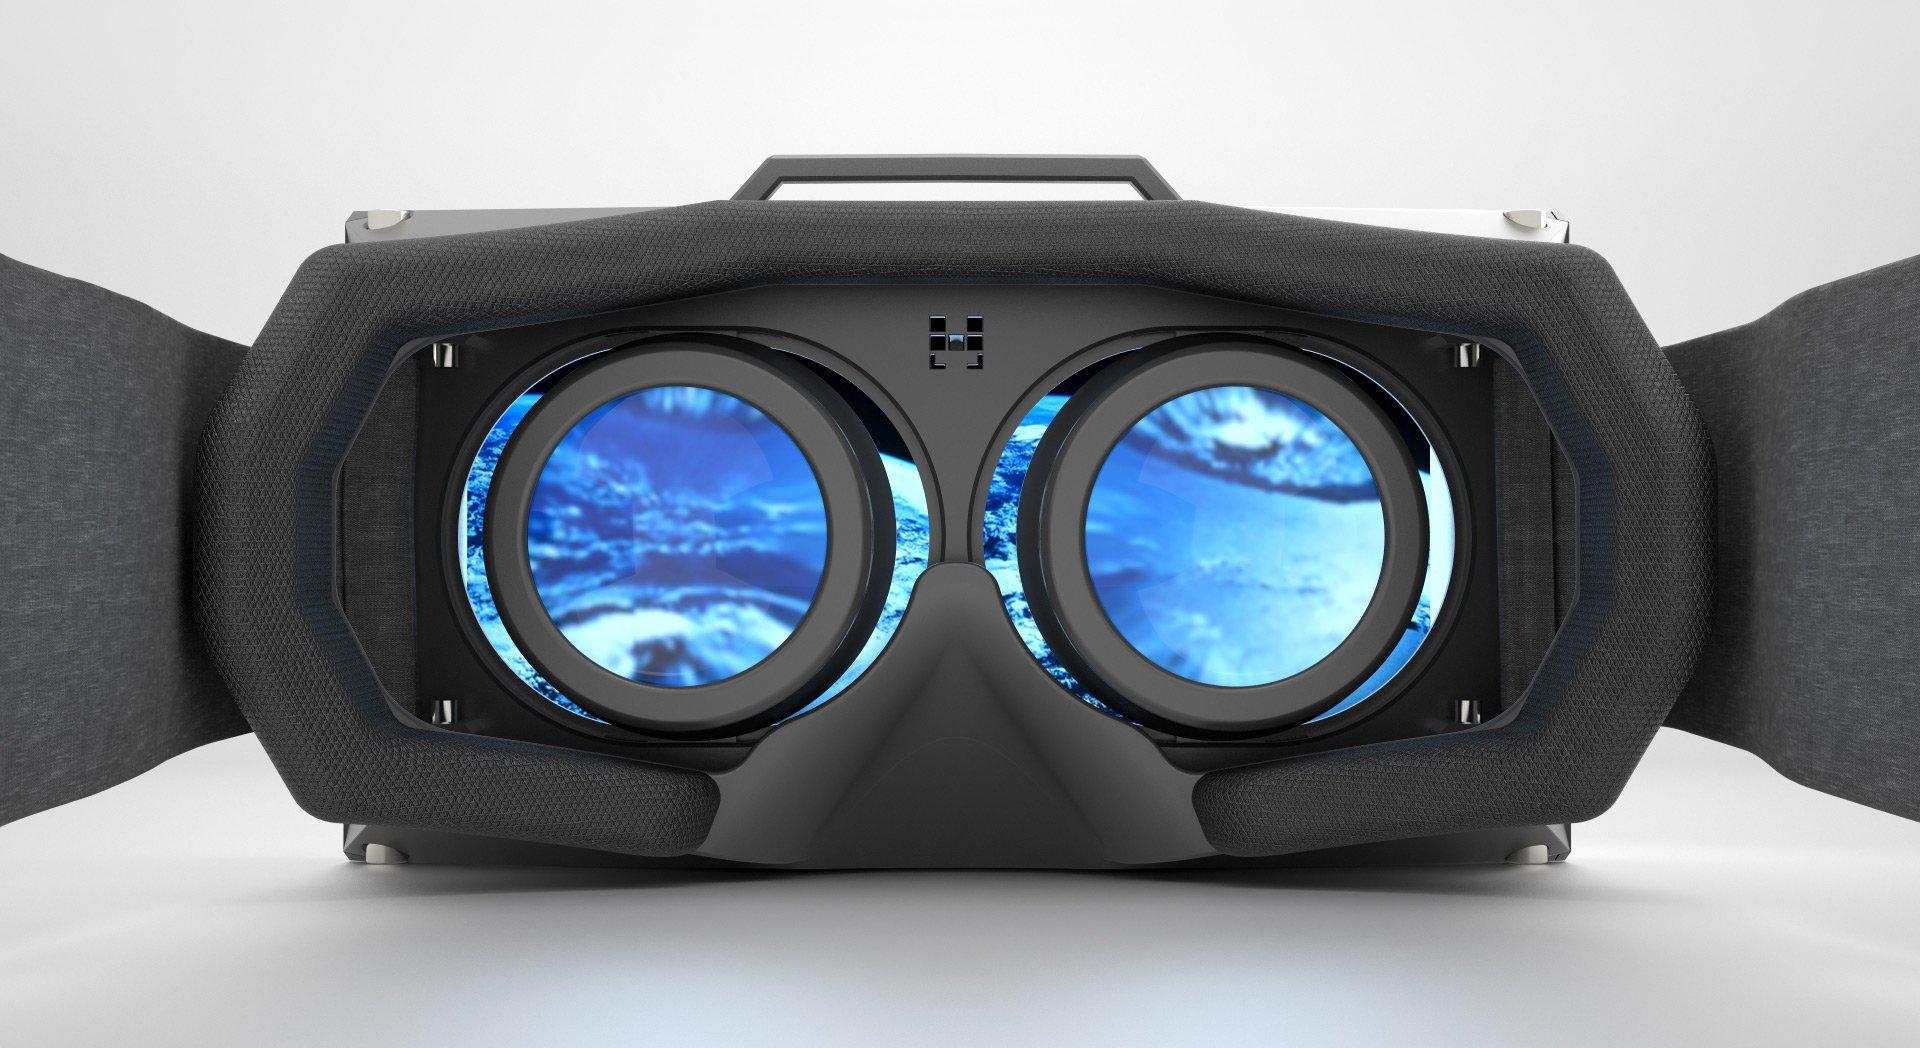 Oculus Rift будет стоить $200-$400 - Изображение 1